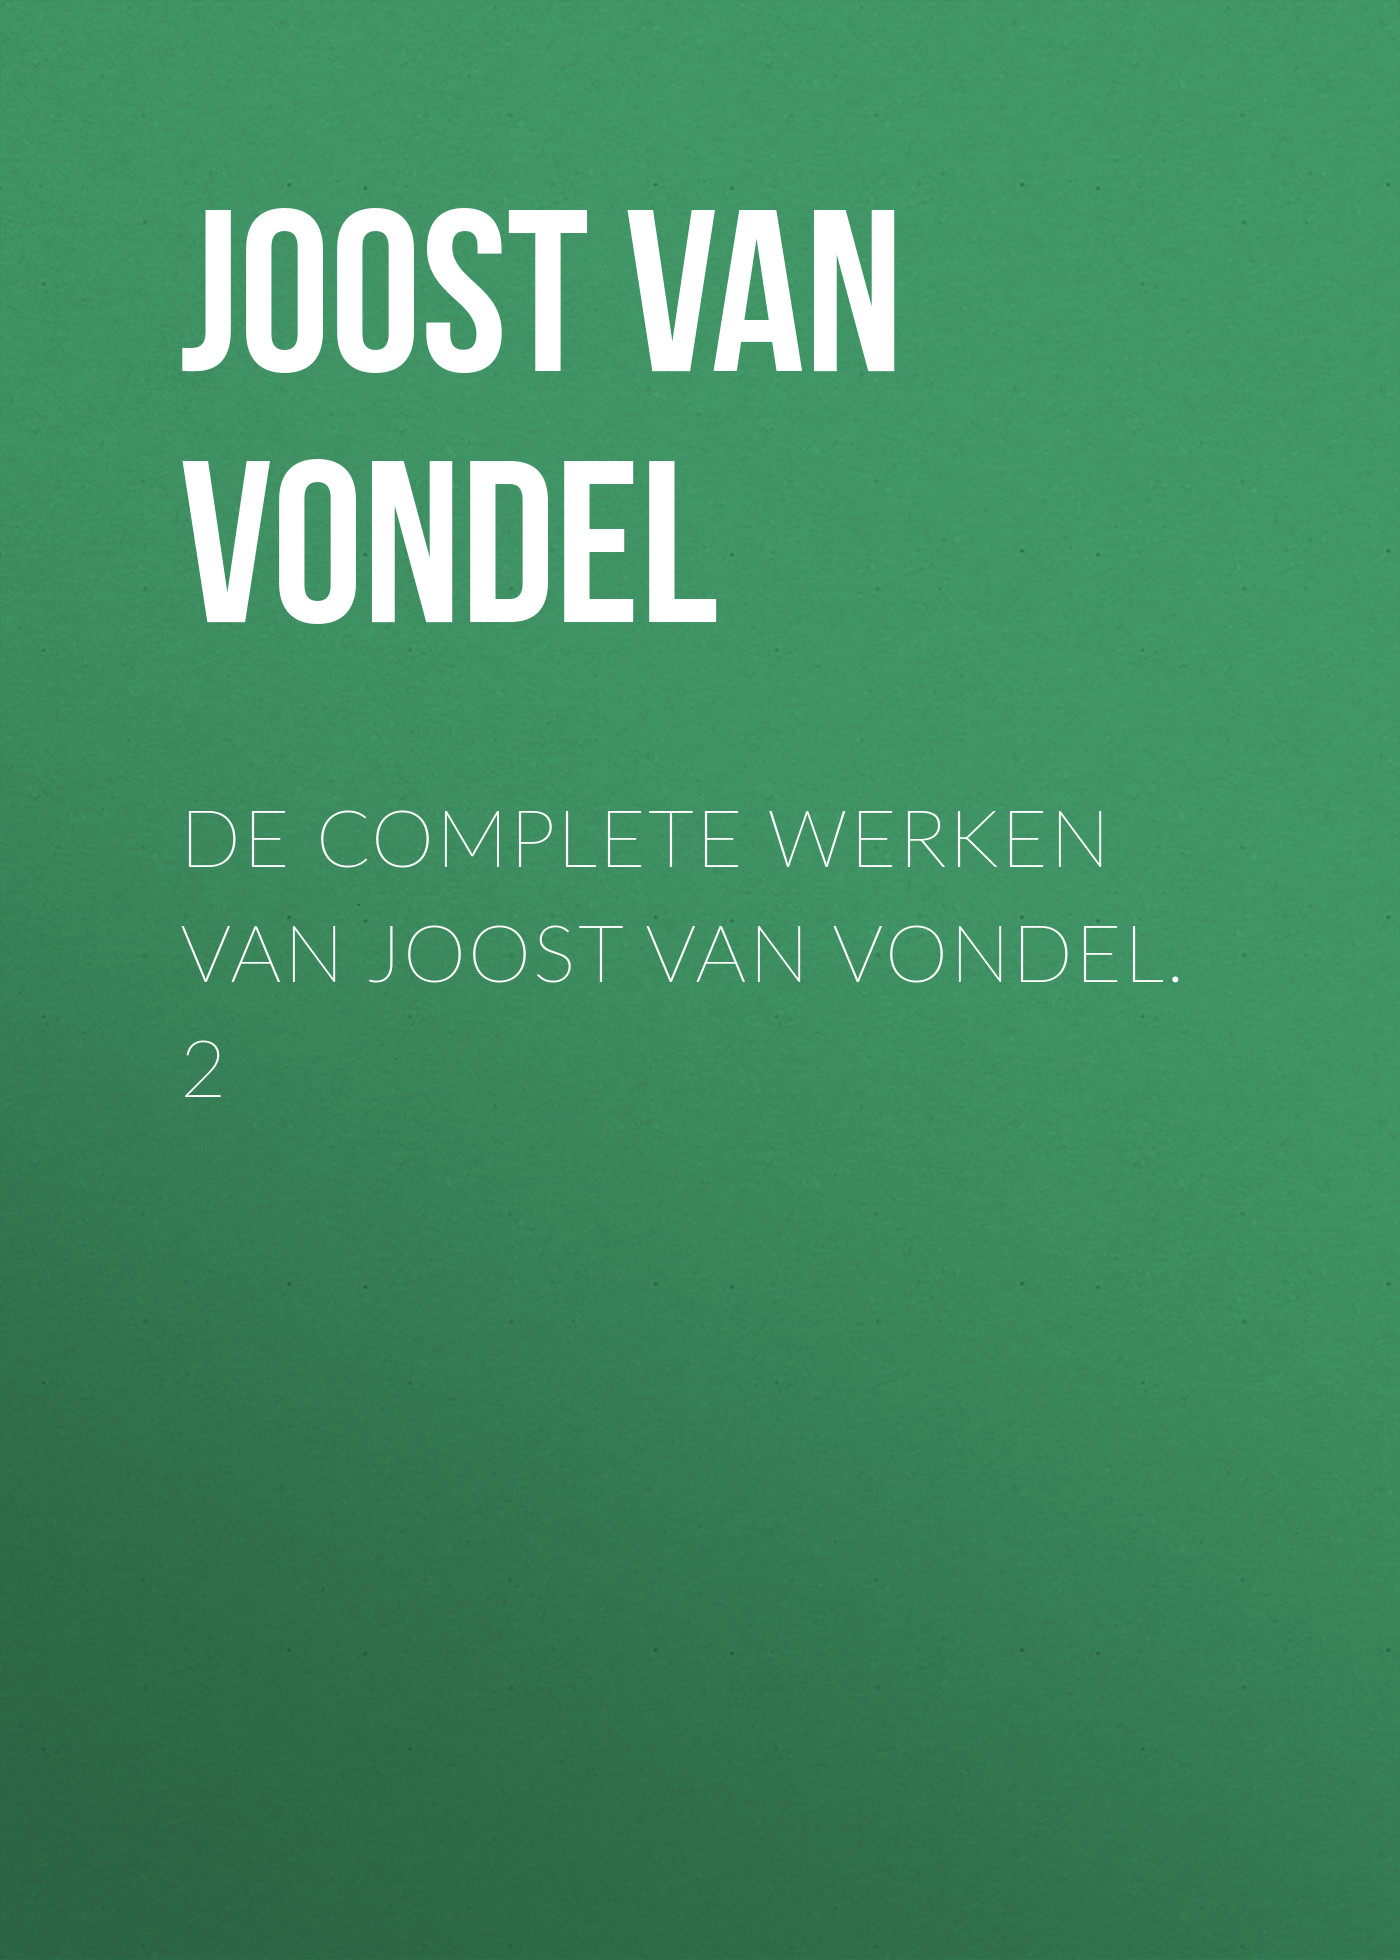 Joost van den Vondel De complete werken van Joost van Vondel. 2 joost van den vondel de complete werken van joost van vondel 3